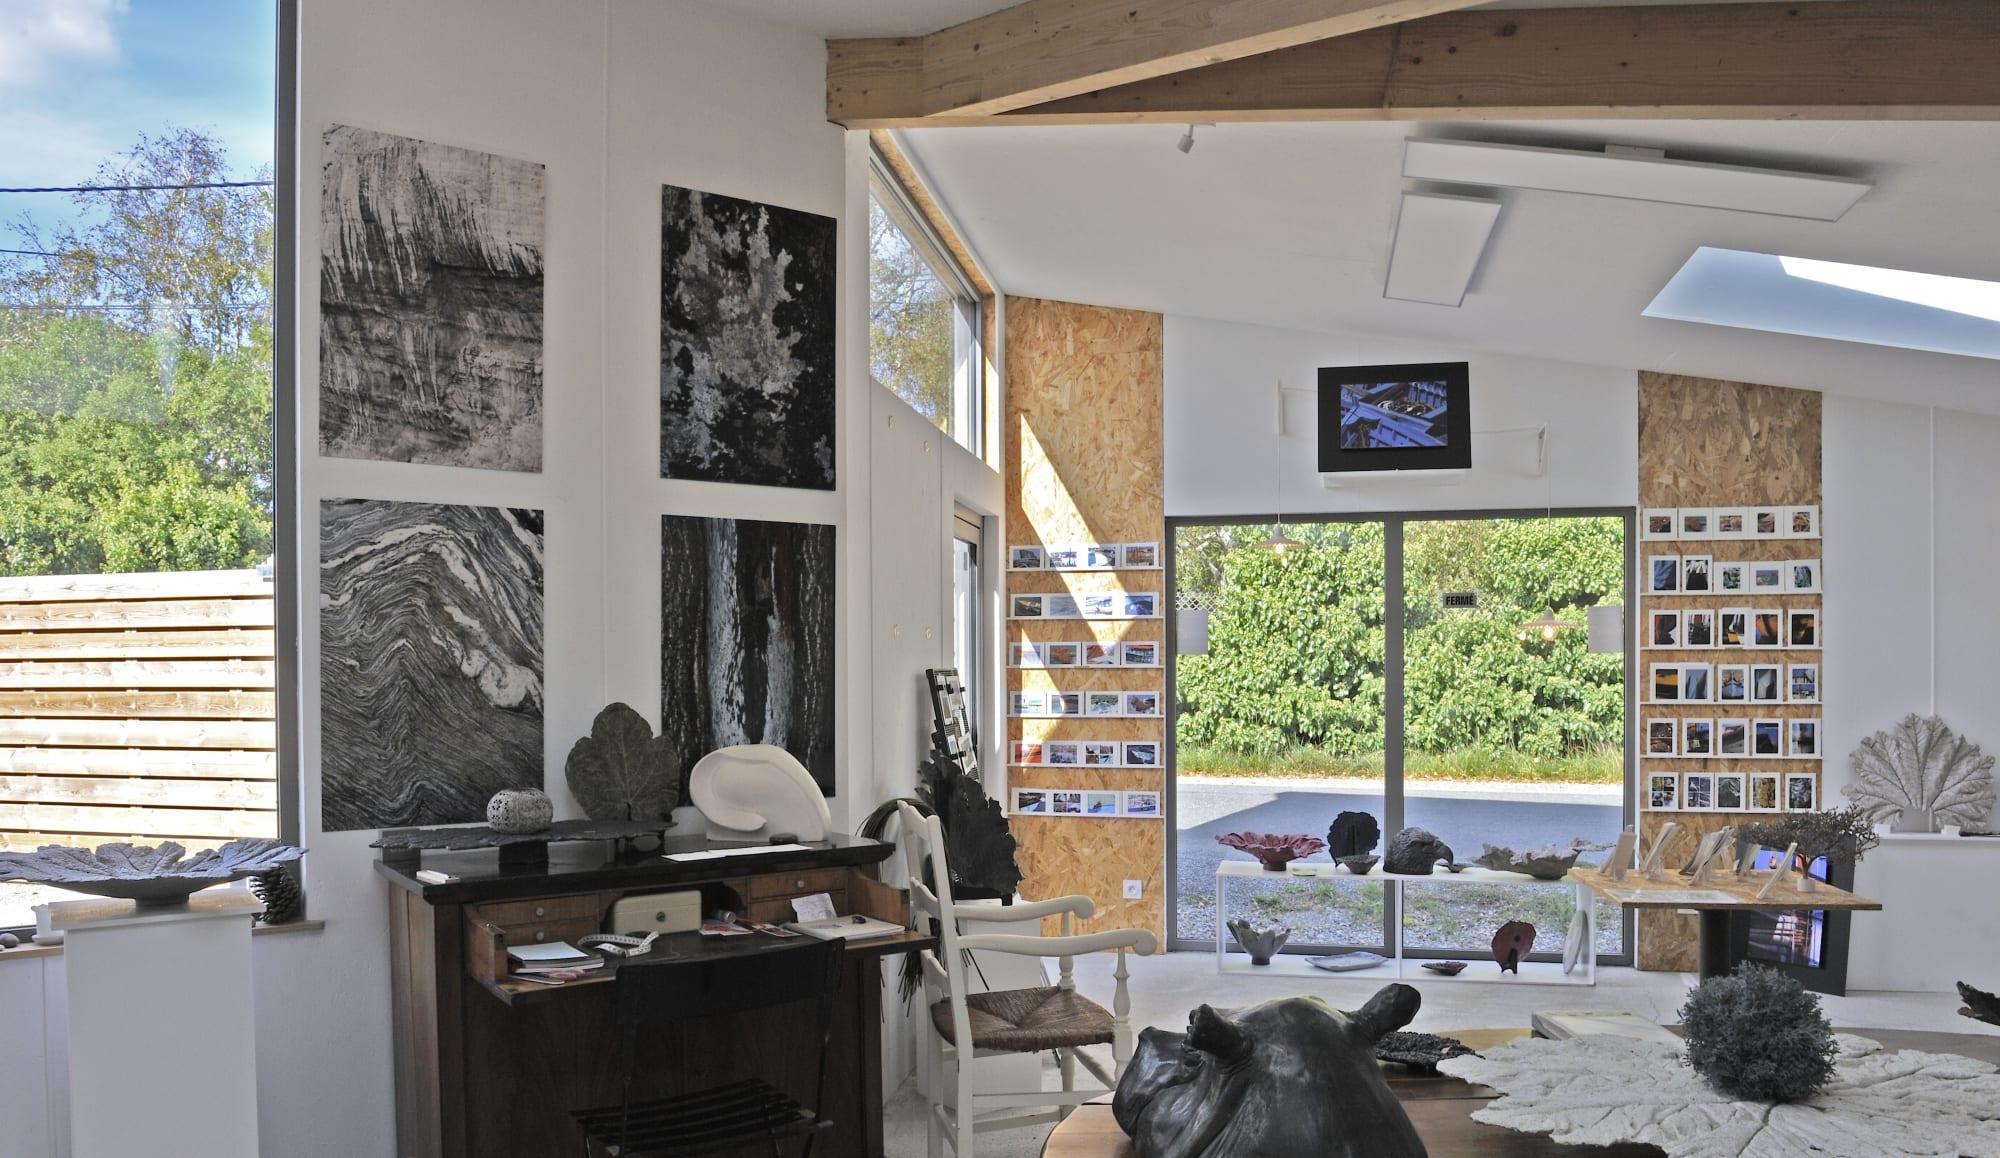 Art gallery in Sainte-Marine, Finistere, Britanny